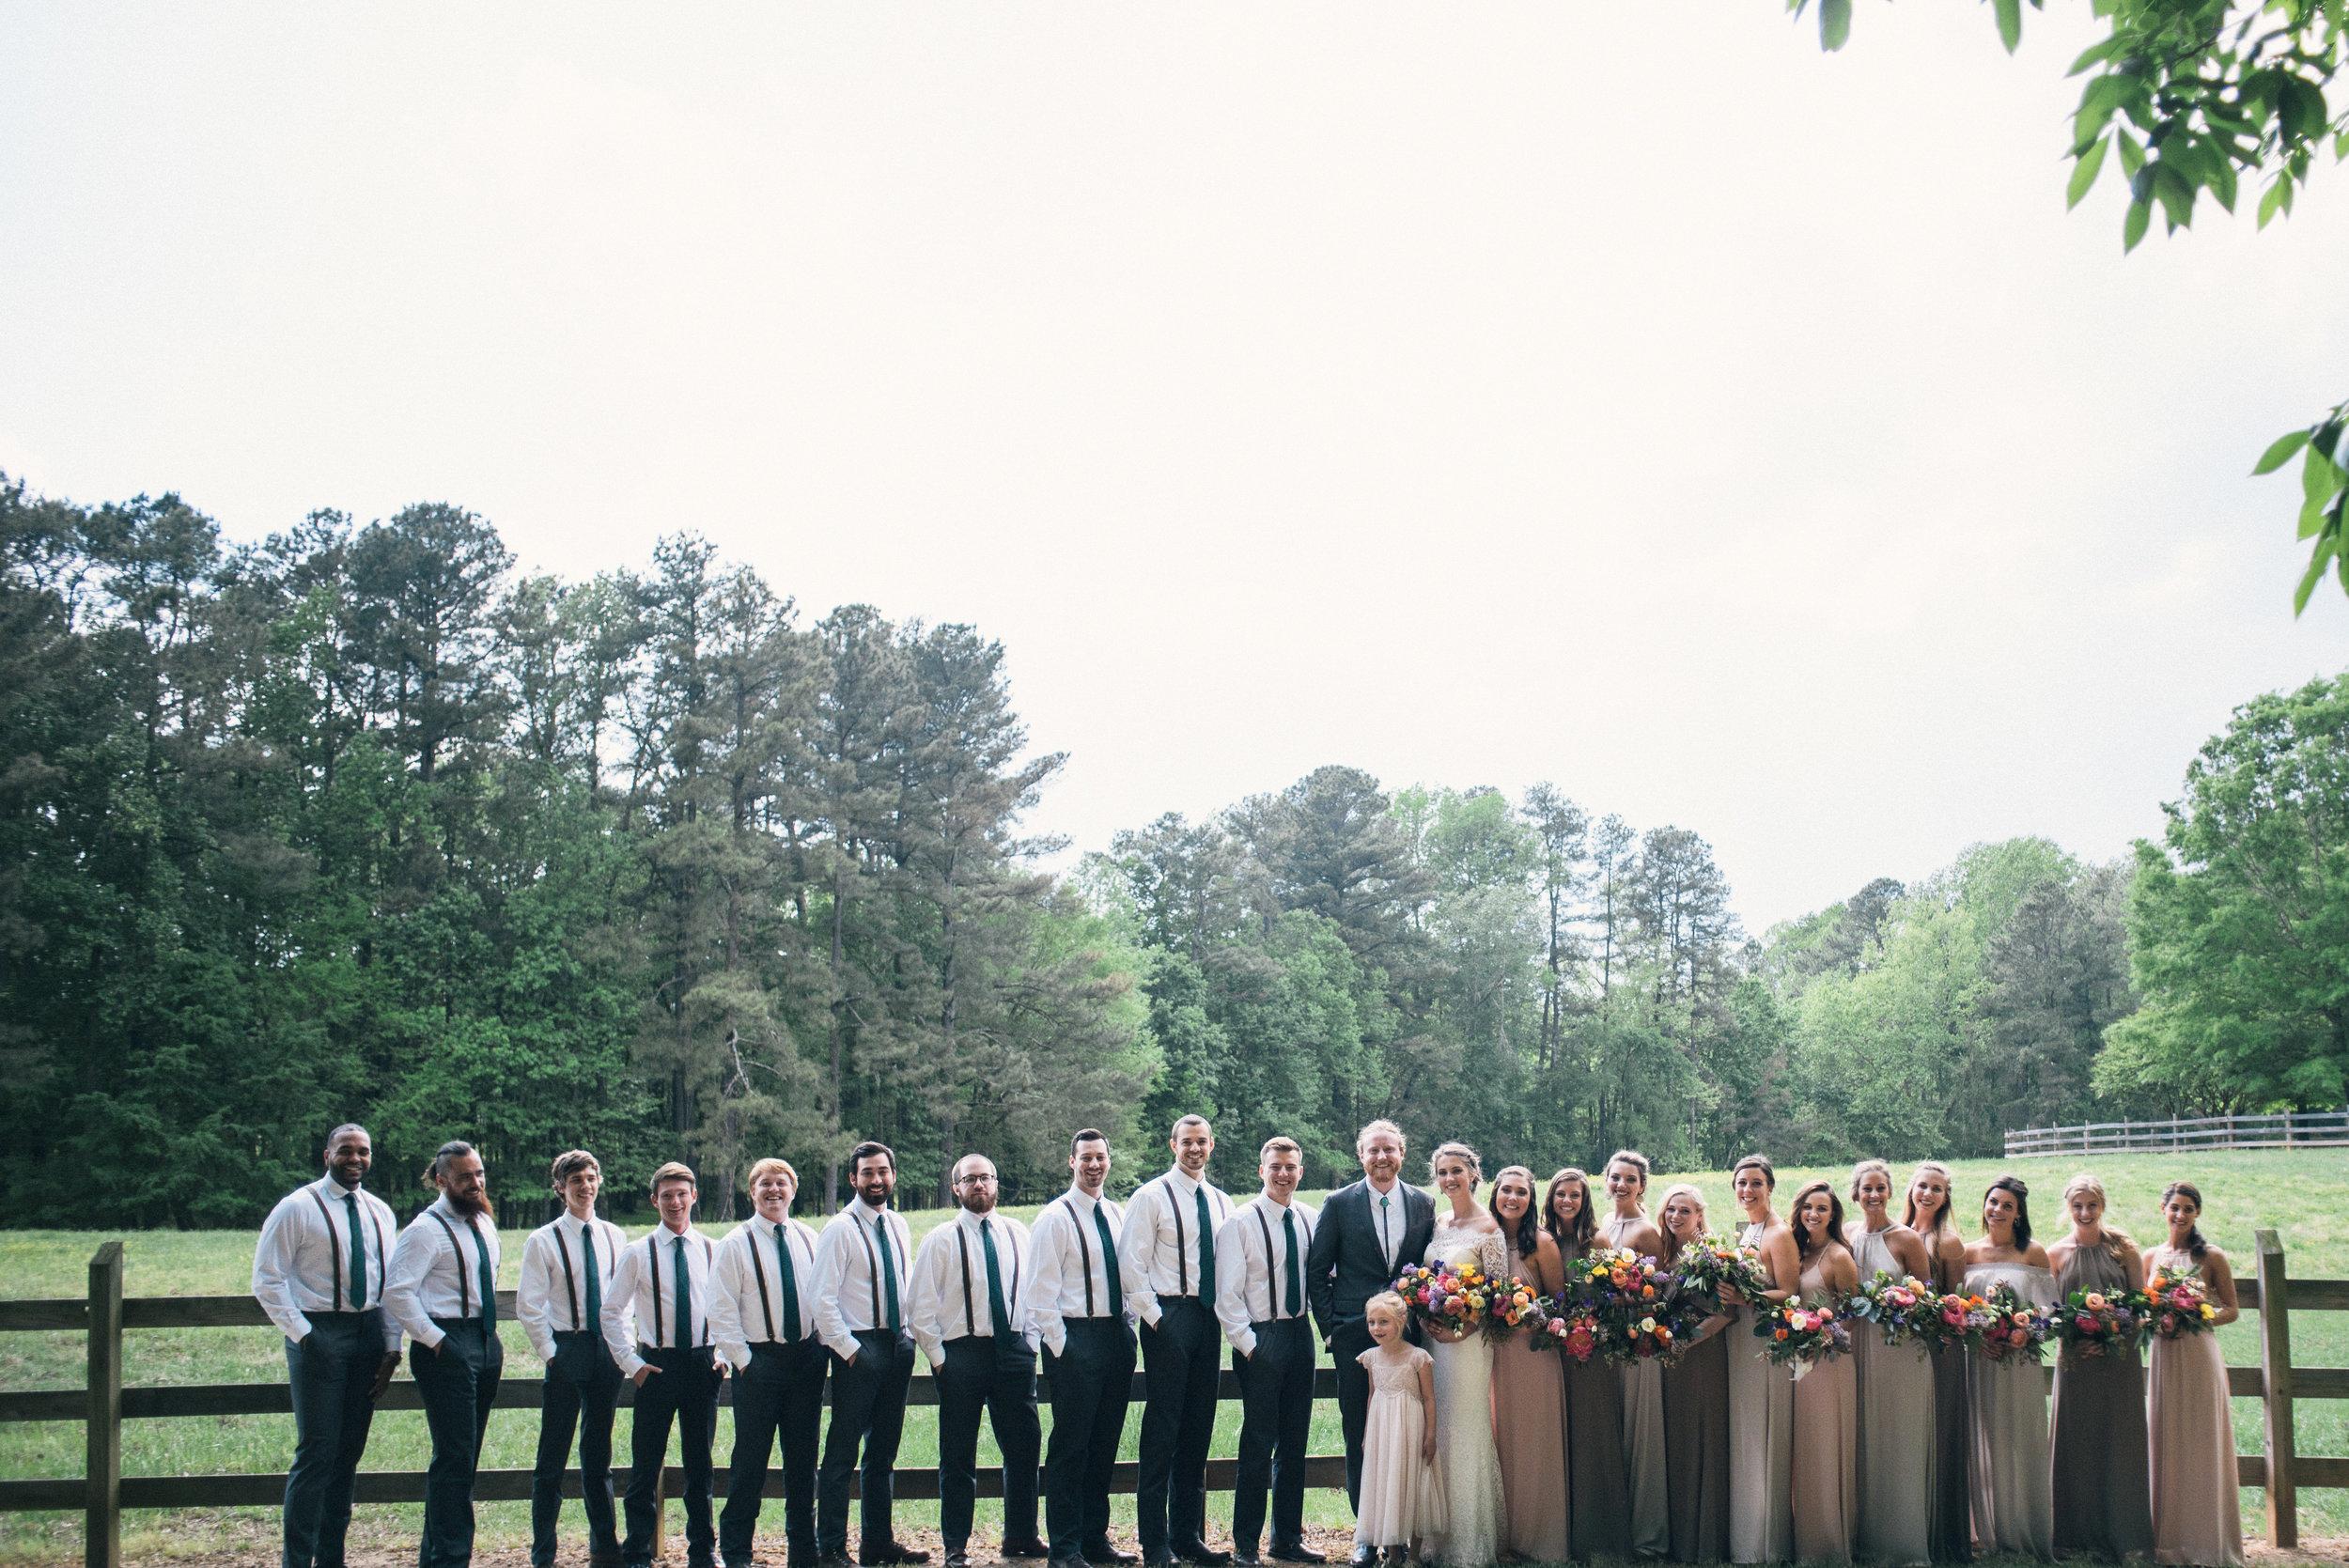 raleigh-elopement-photographer-raleigh-durham-wedding-maddie-and-devin- (58 of 162).jpg